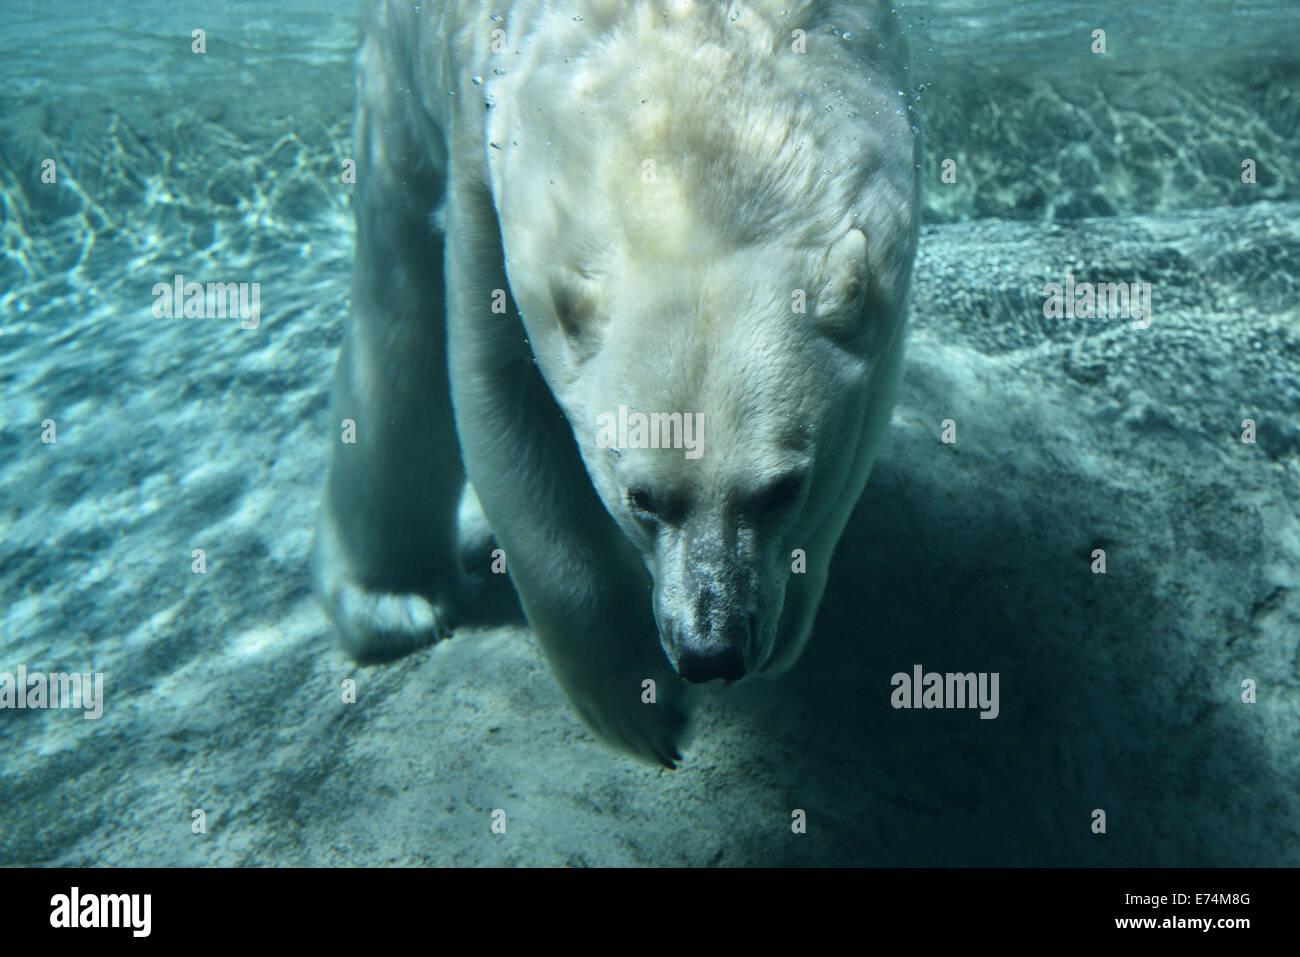 Orso polare diving apnea sott'acqua di piscina blu di Toronto Zoo Immagini Stock